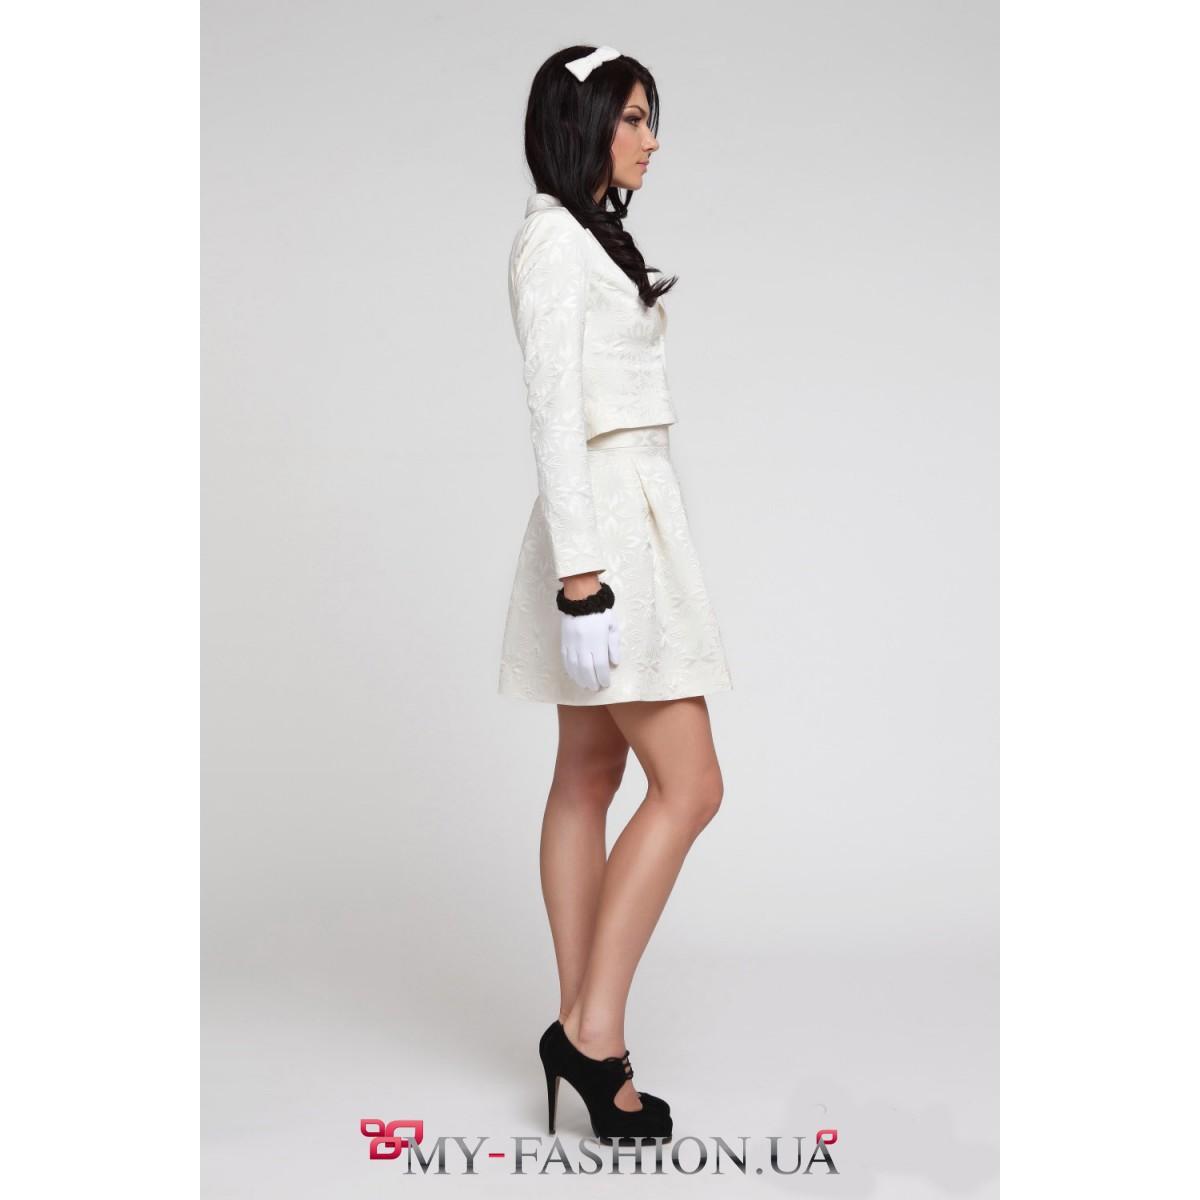 Женский костюм белого цвета с доставкой